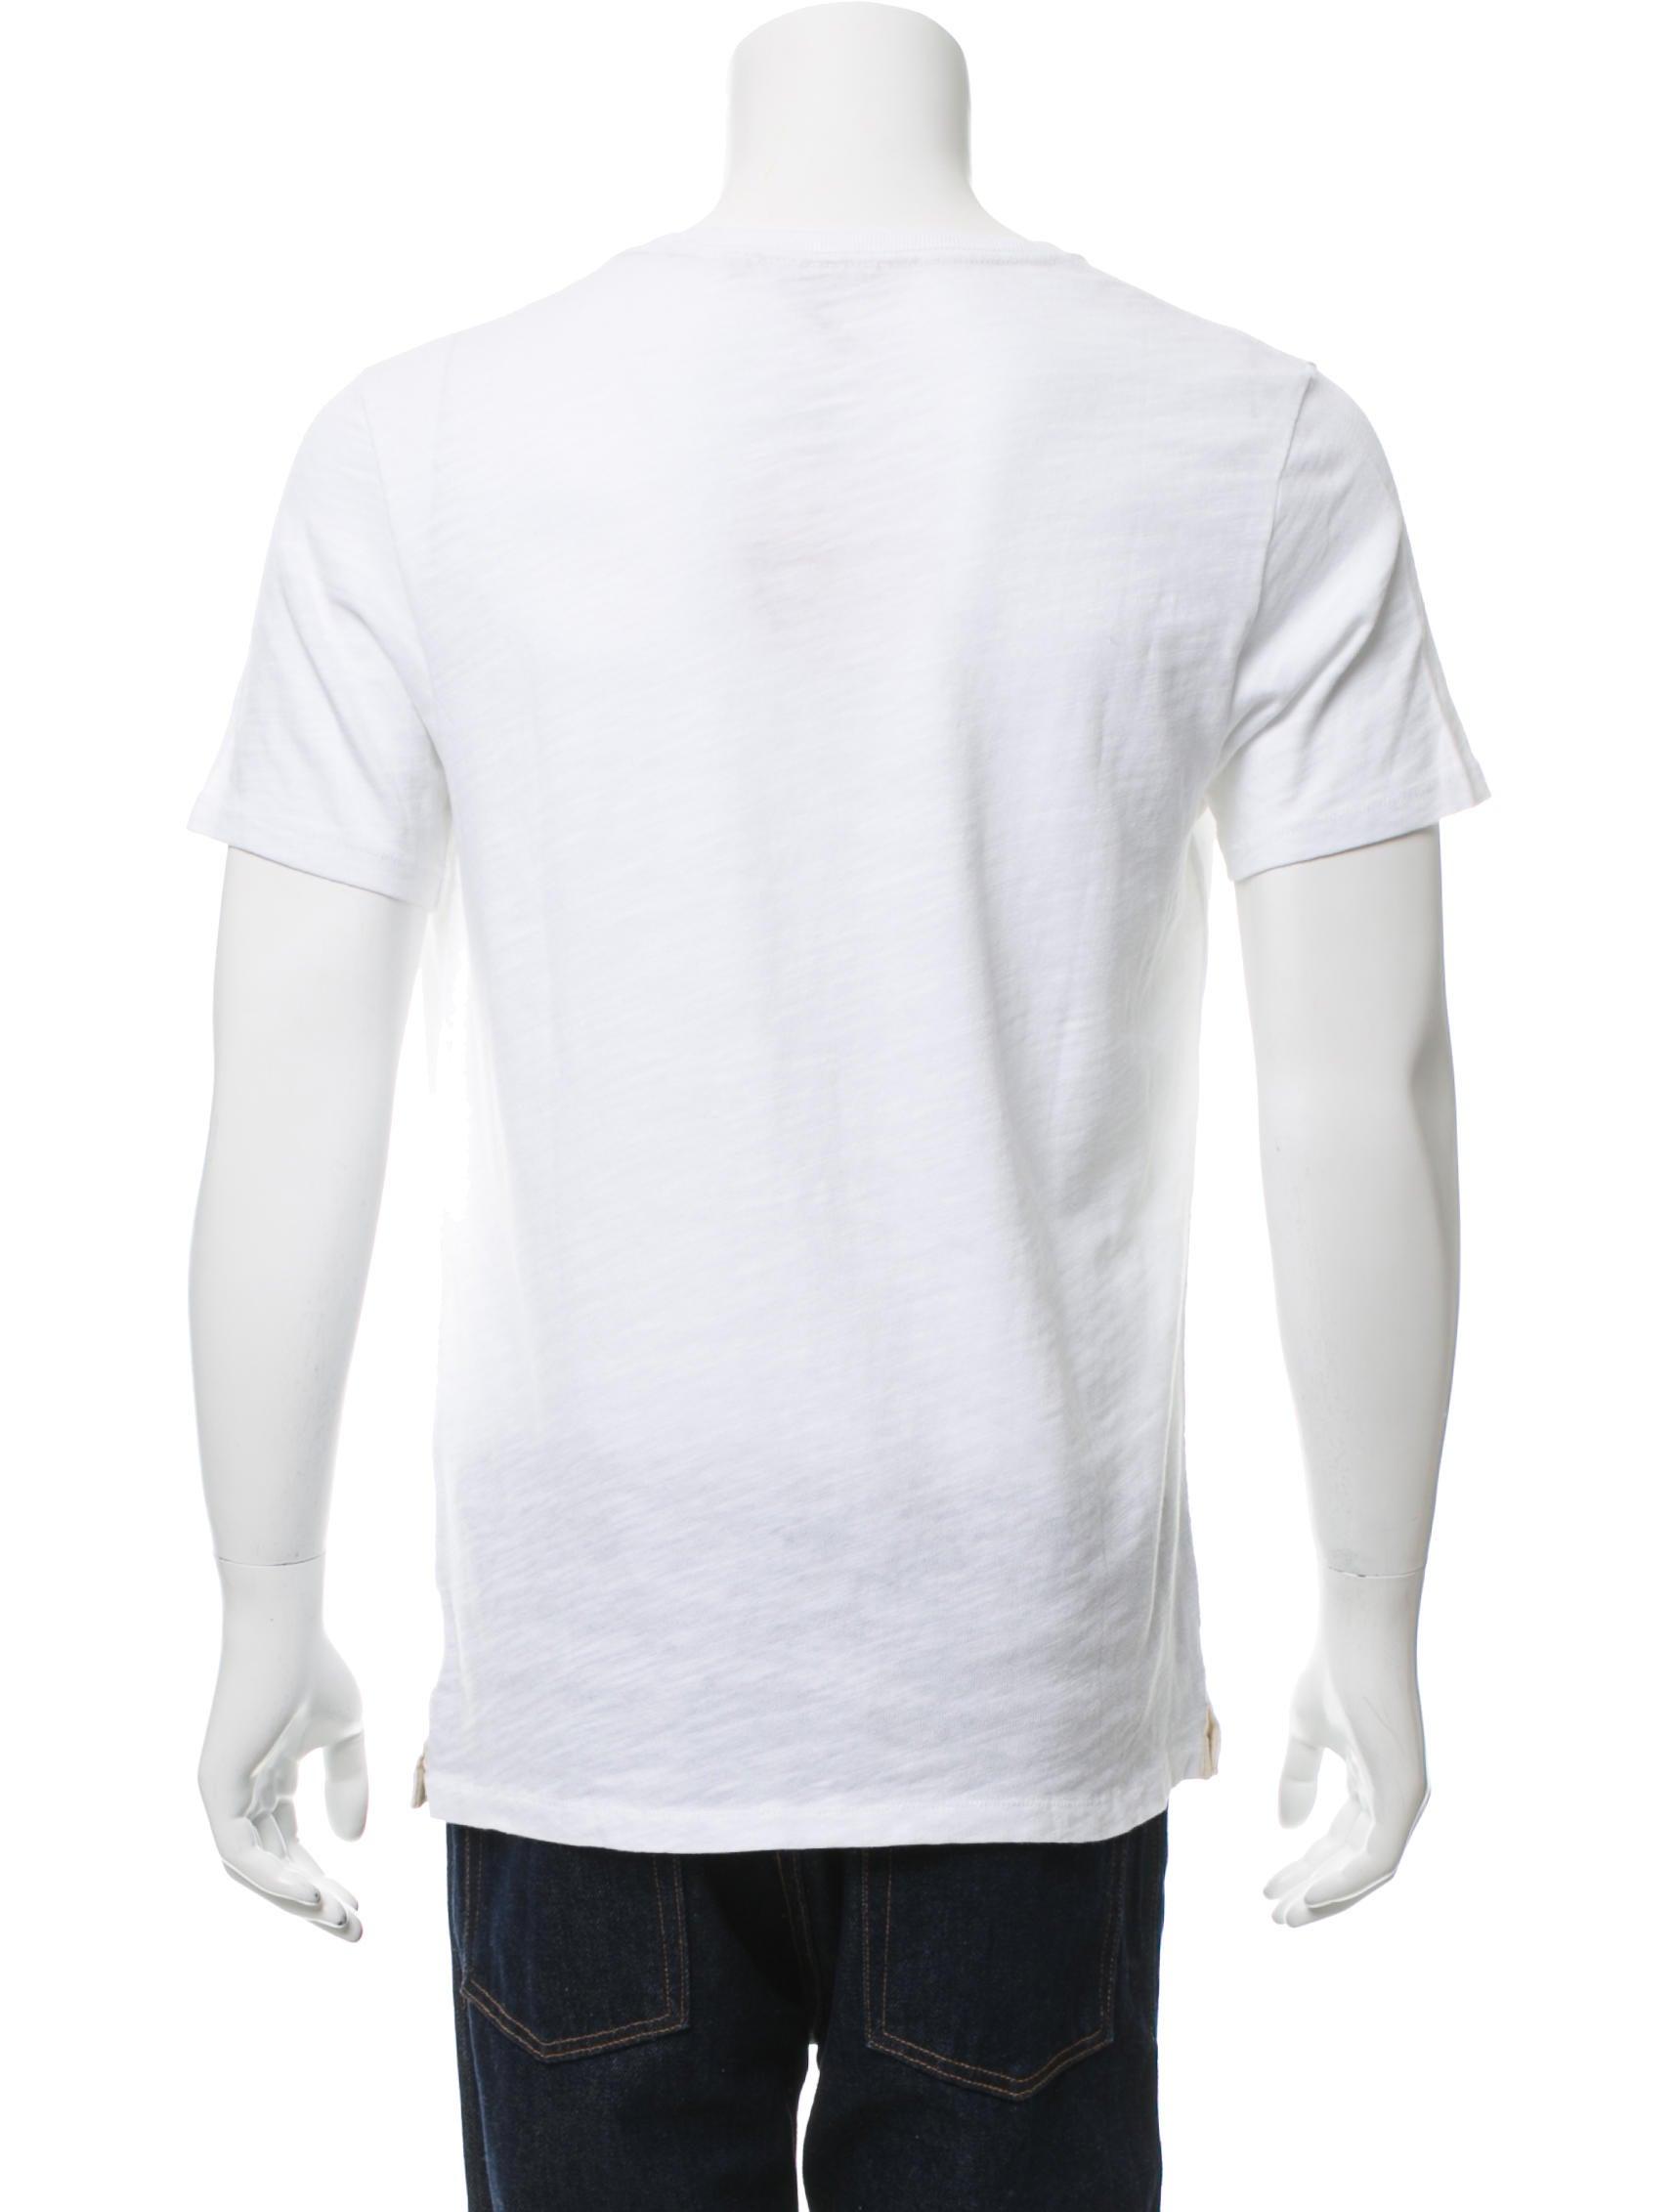 Rag bone graphic pocket t shirt w tags clothing for Rag and bone white t shirt